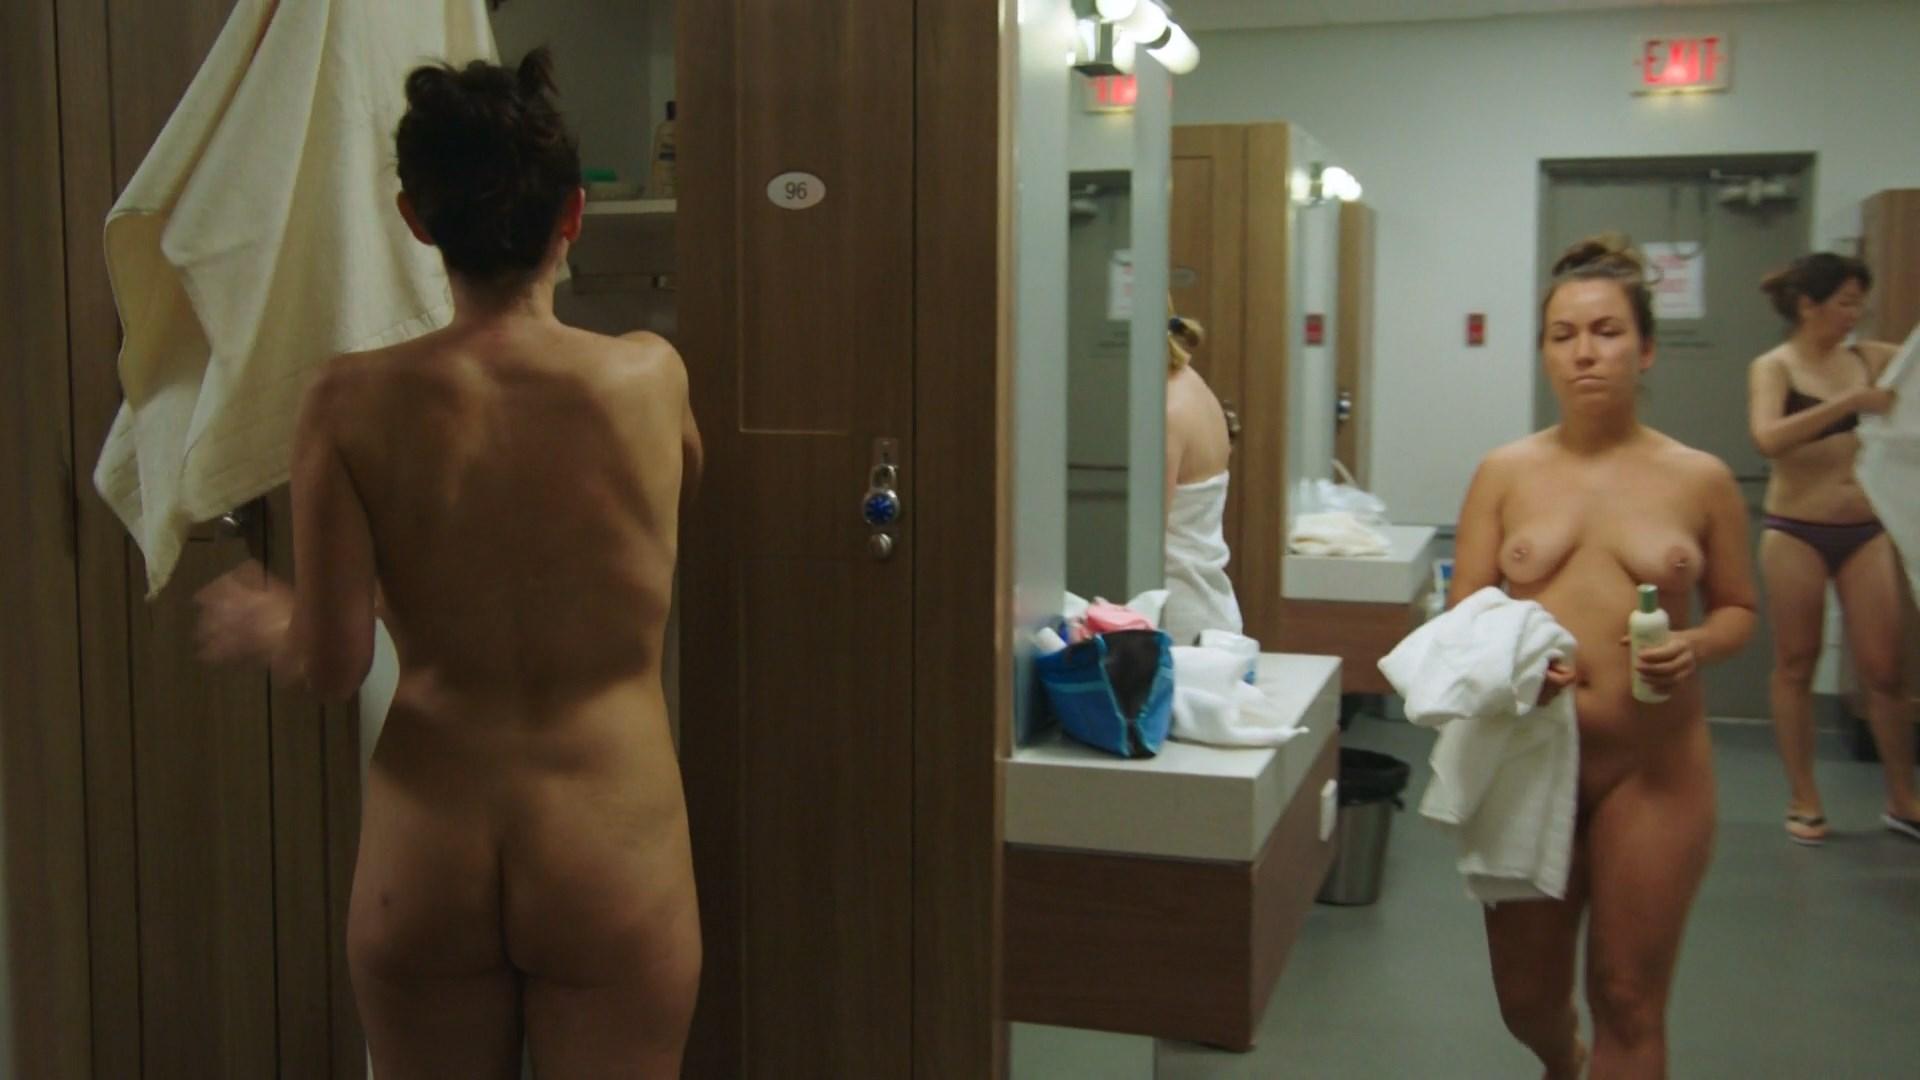 Amanda Peet Nude watch online - anni krueger, lisanne begin, inga lekhanova